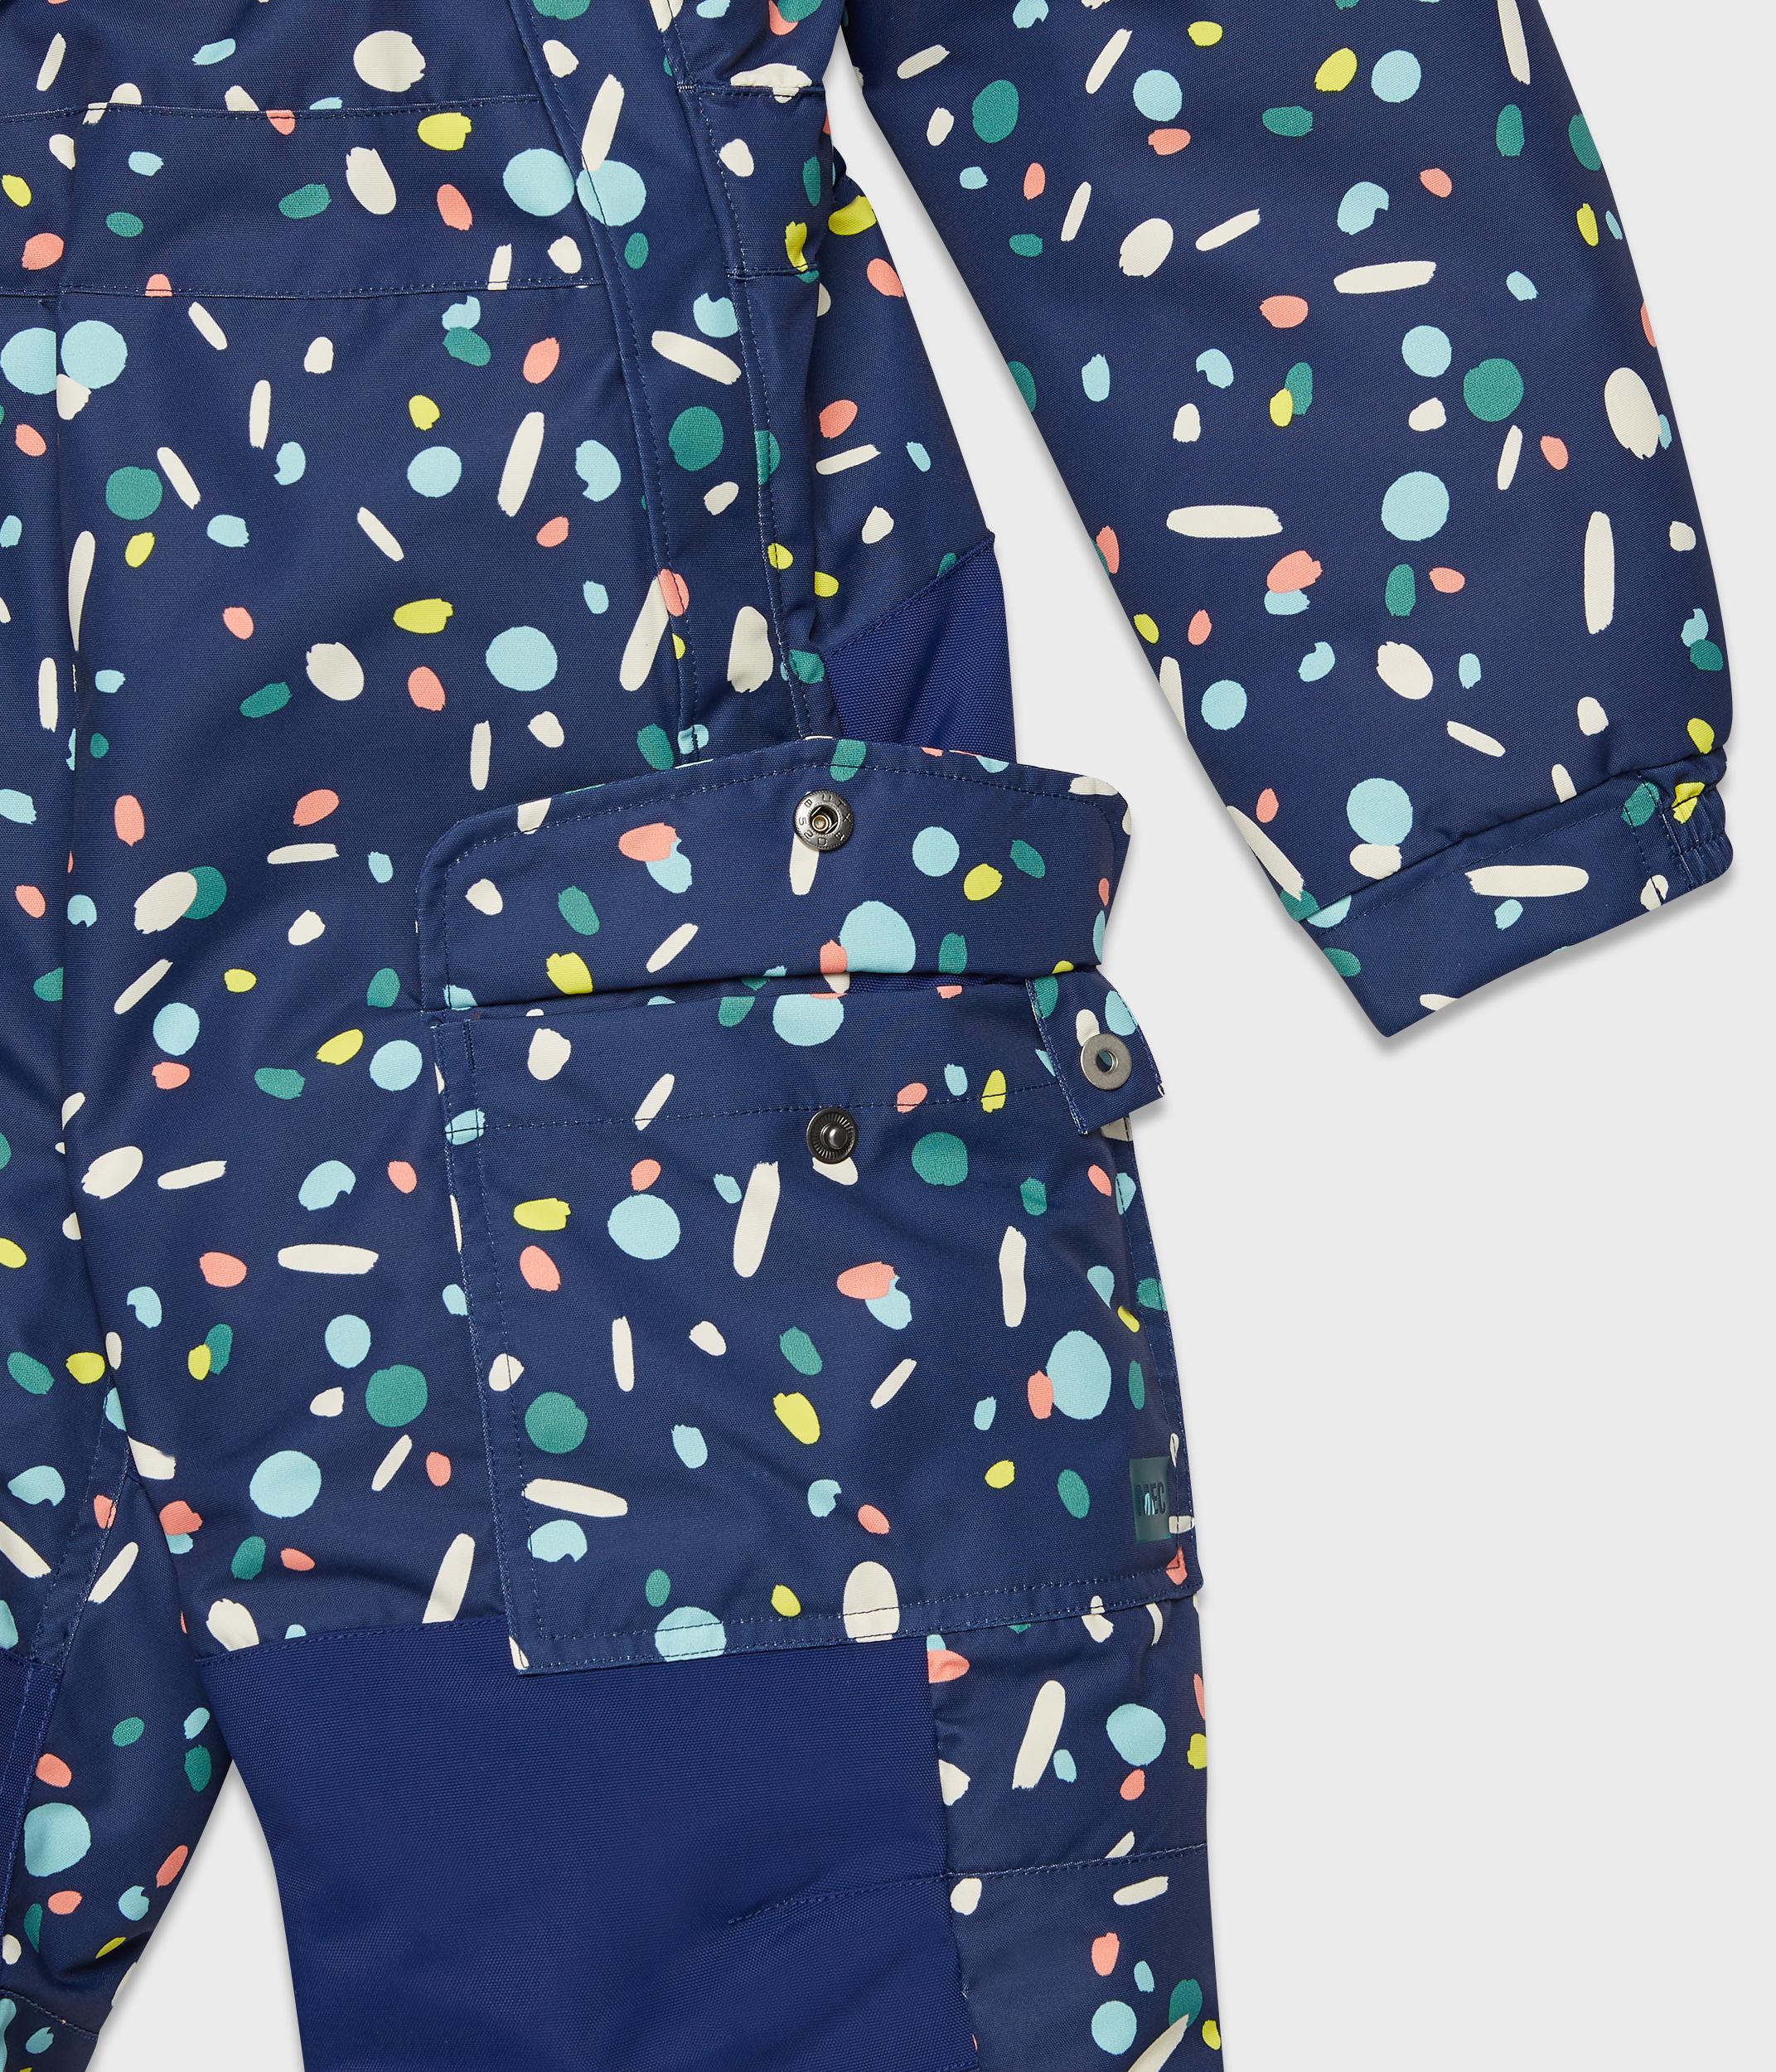 99606c5b0 MEC Toaster Suit - Children